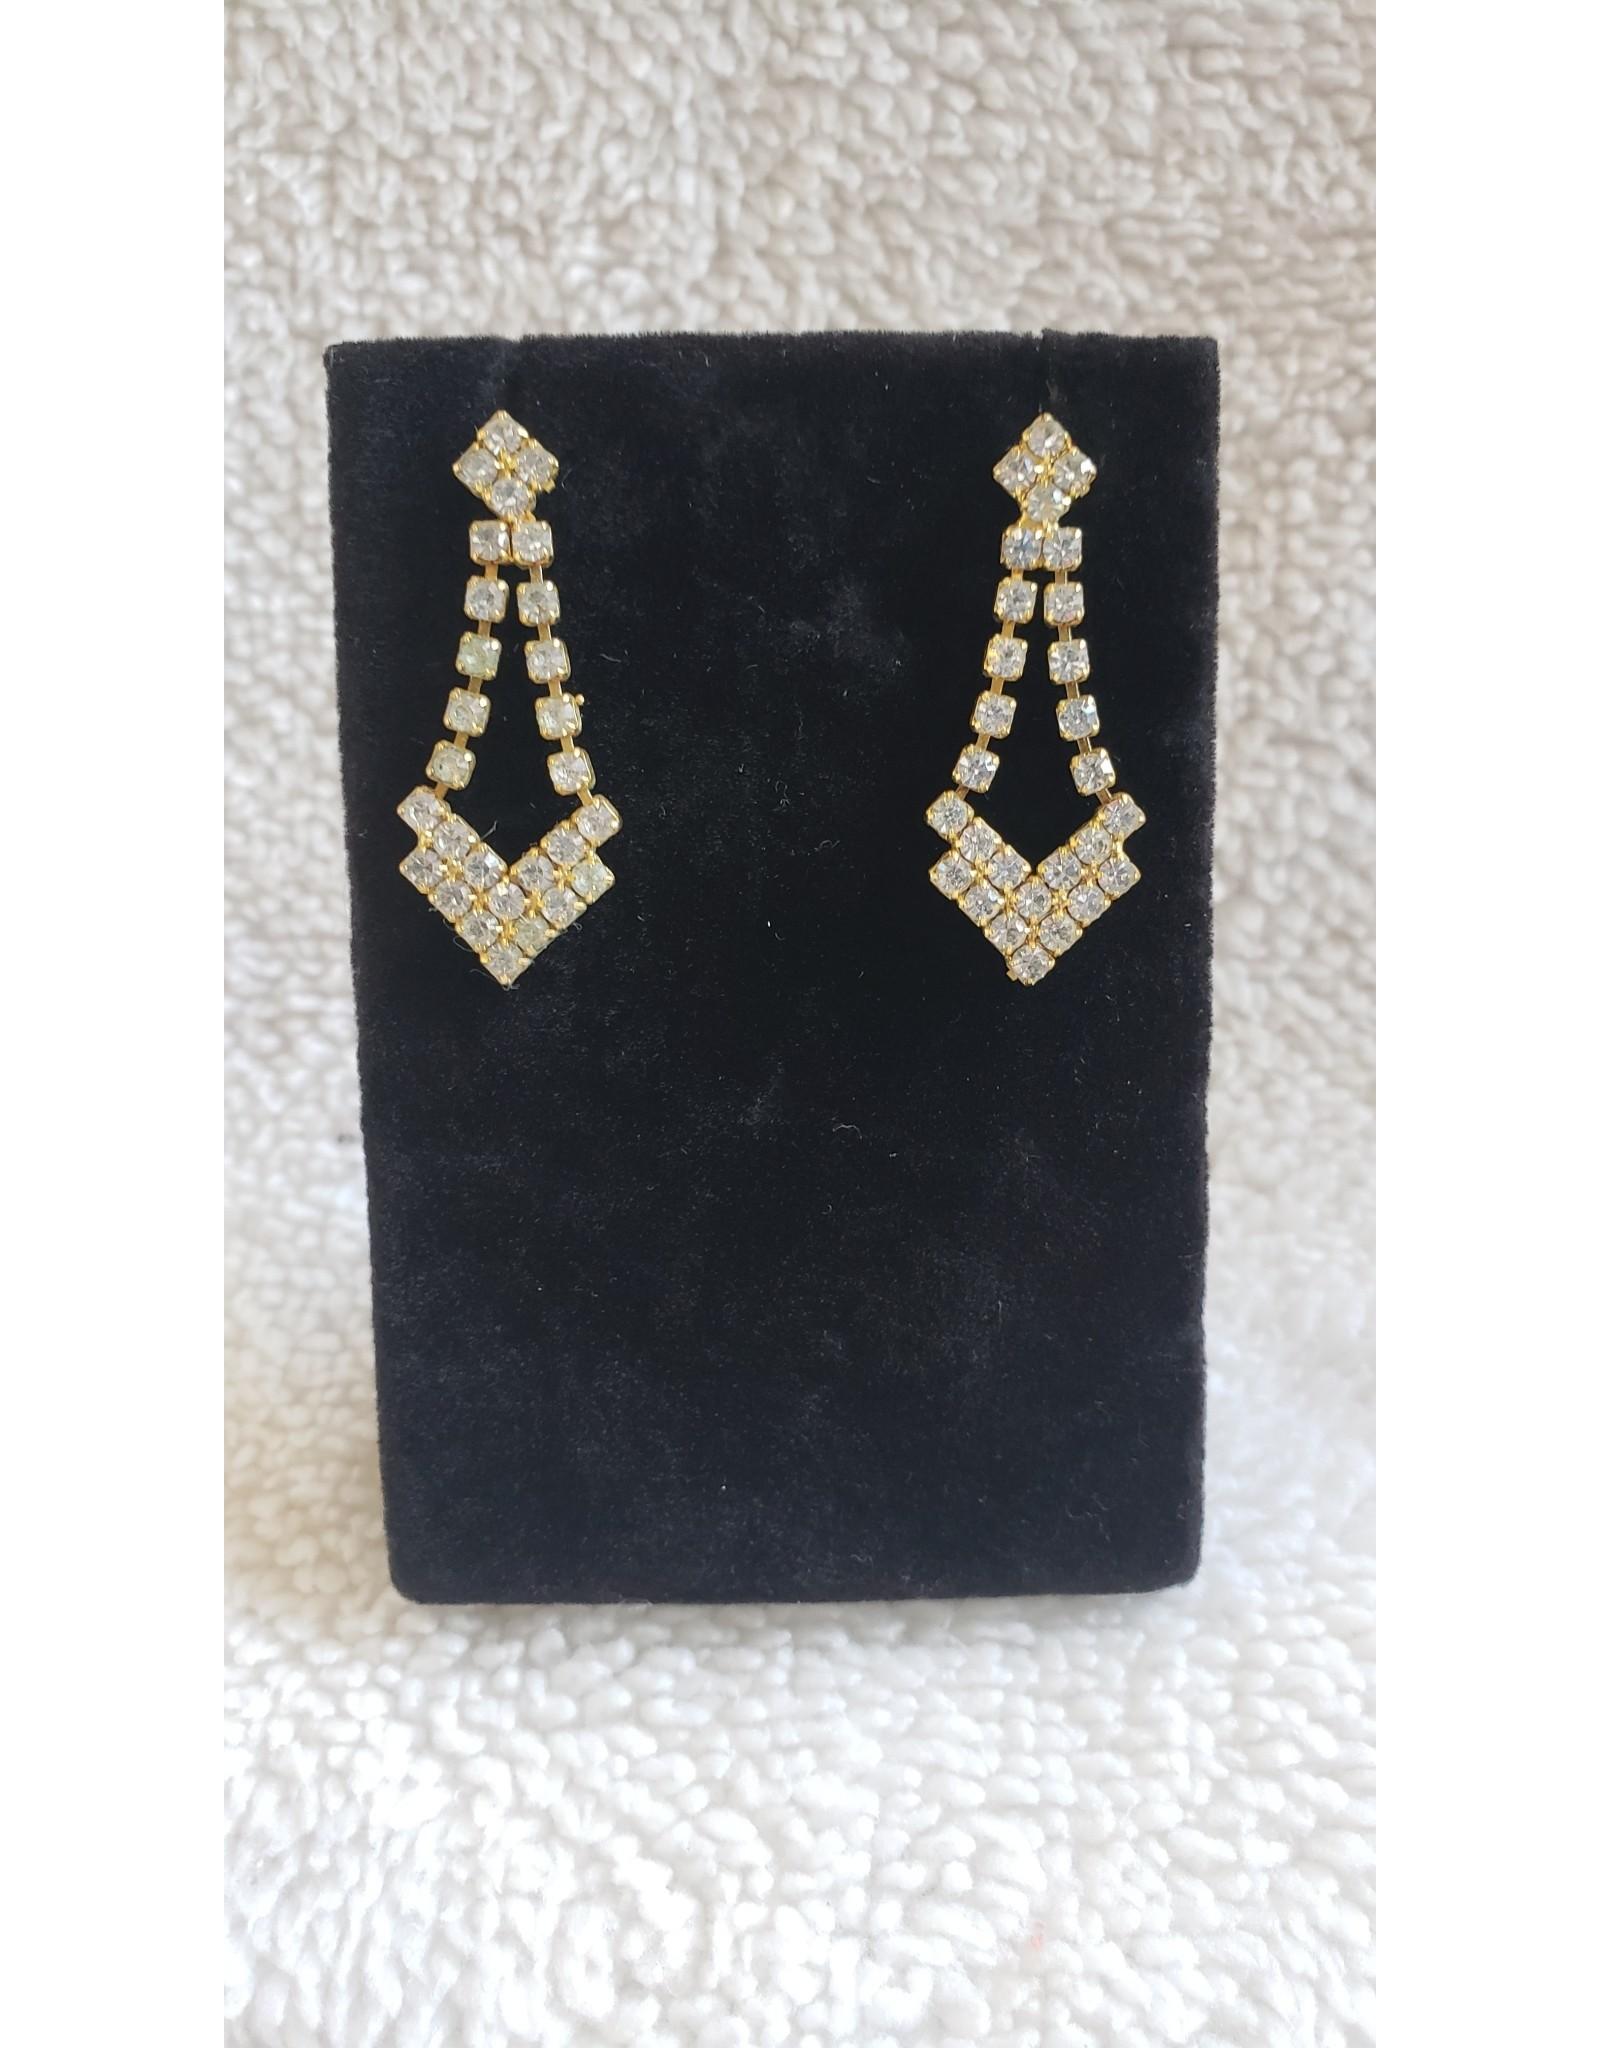 Gold Jewel Dangly Earrings